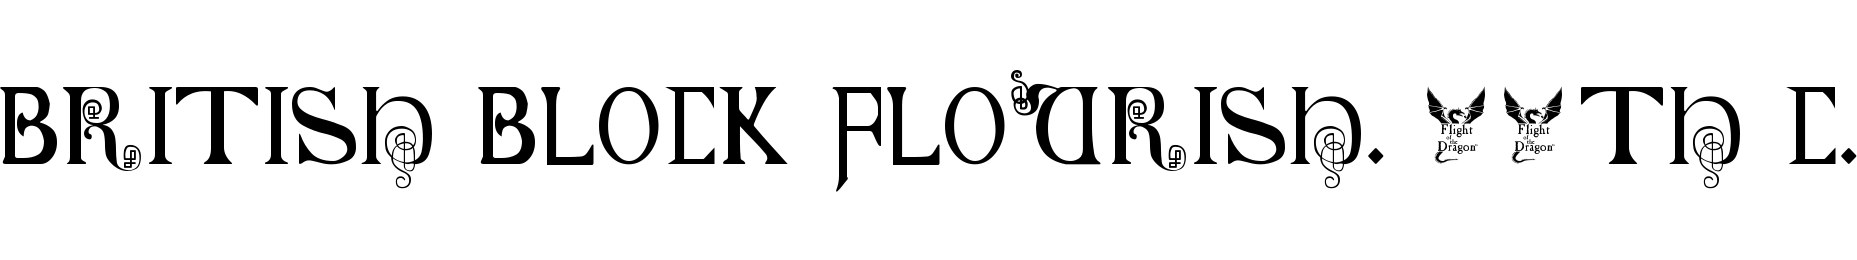 British Block Flourish, 10th c.